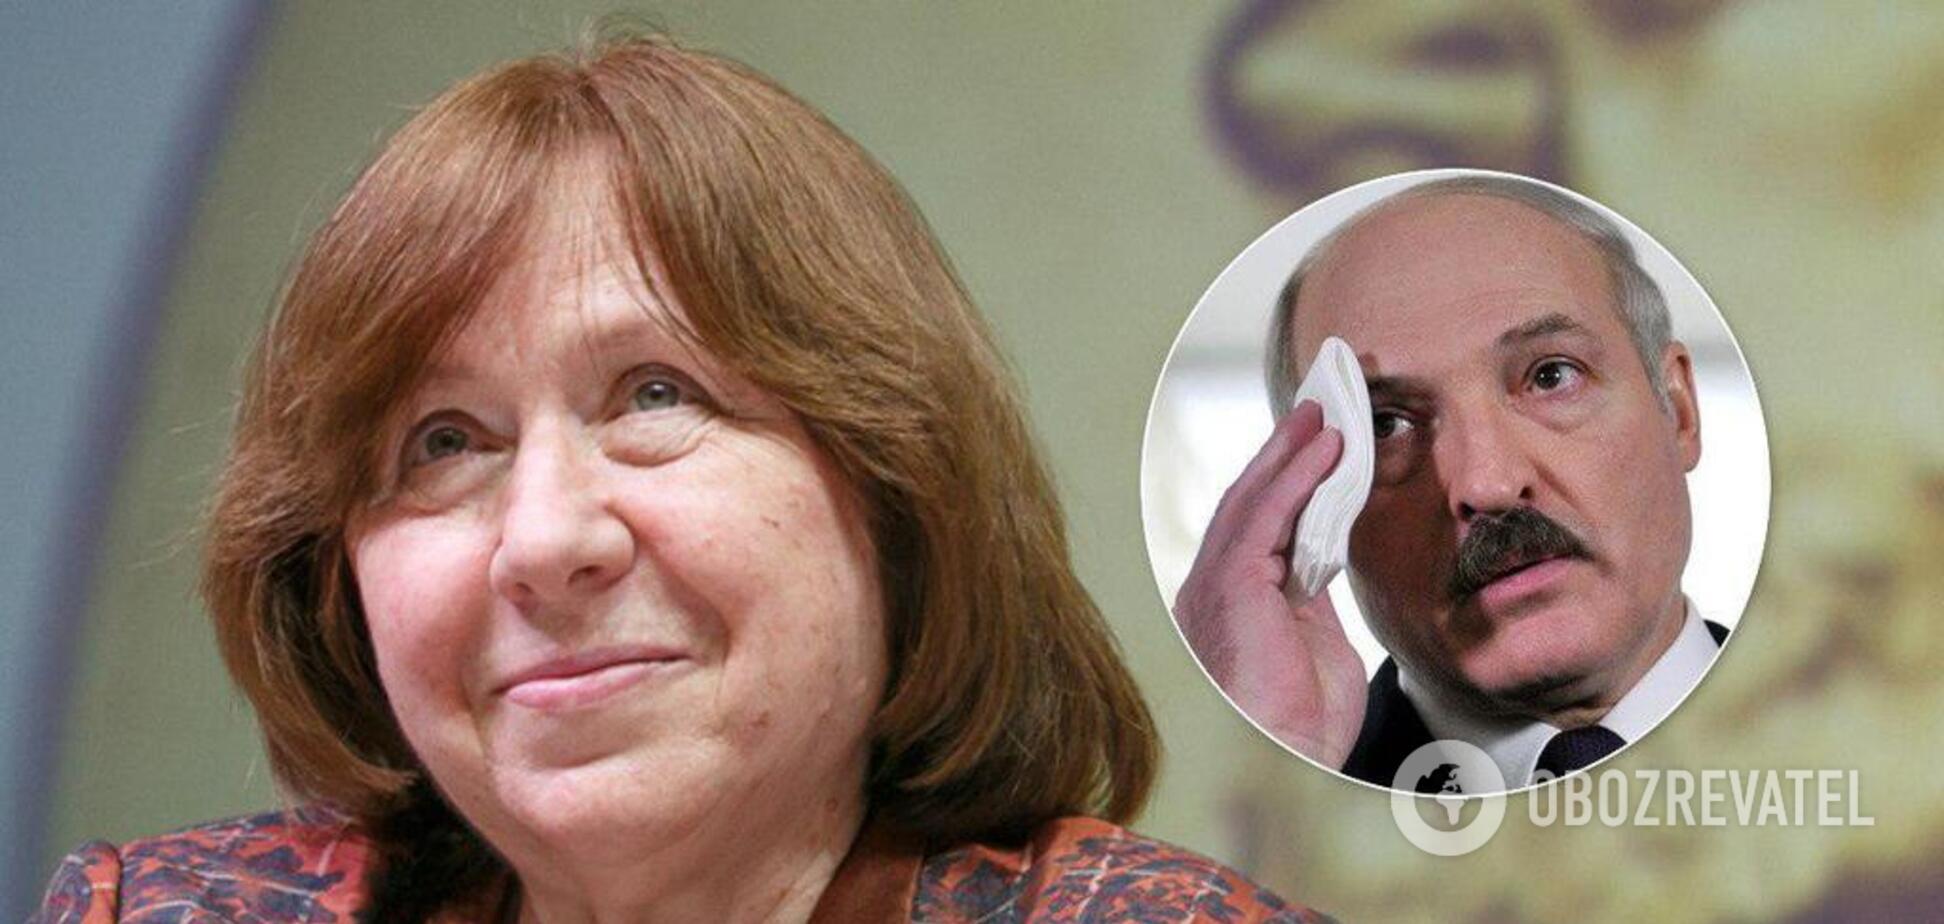 'Любила и мужчин, и женщин': нобелевская лауреатка, разозлившая украинцев, совершила каминг-аут